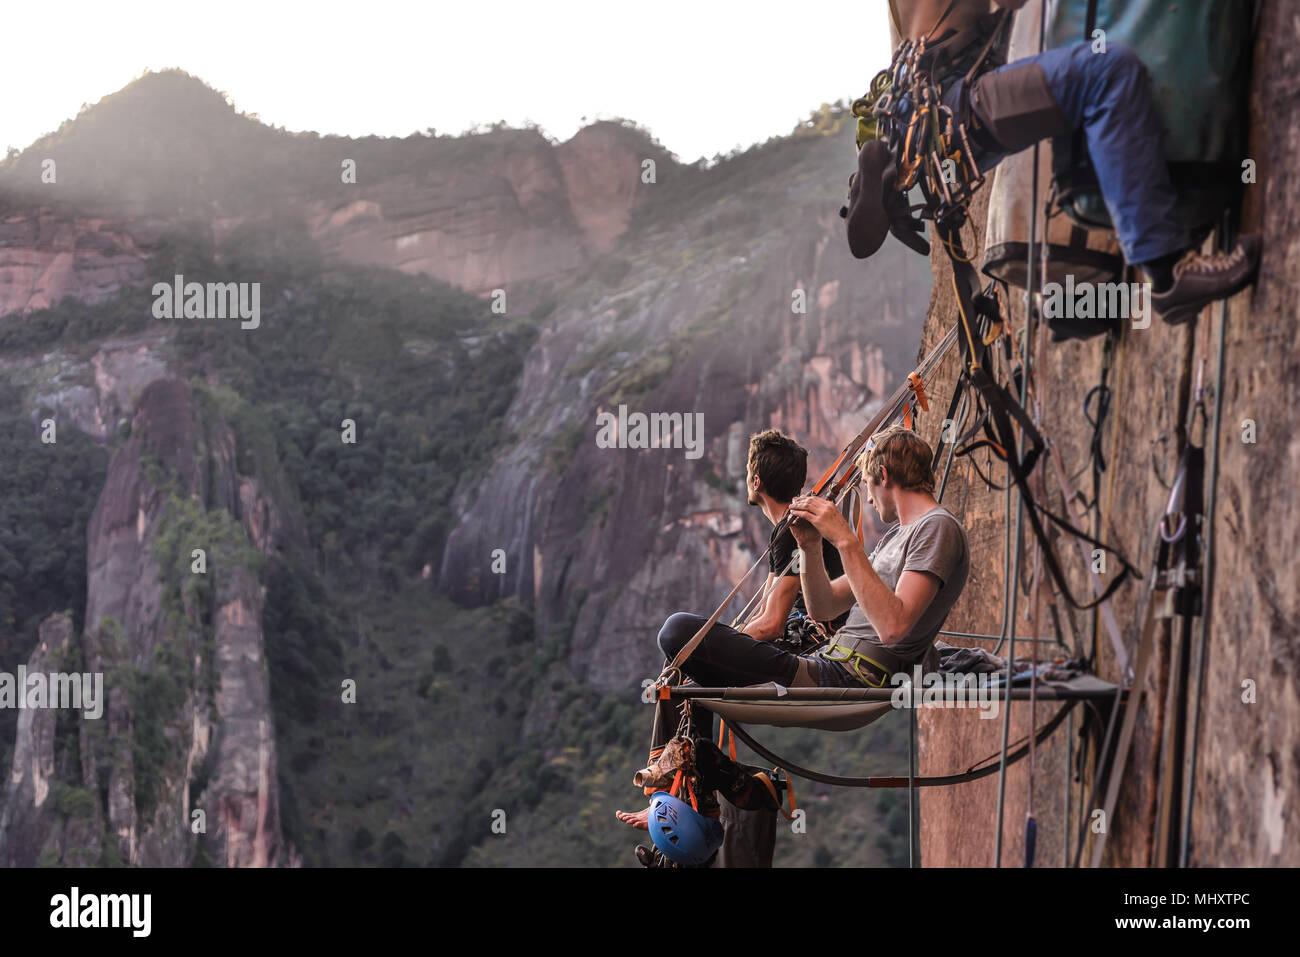 Due arrampicatori udienza del portaledge, guardando a vista, la calcinazione, nella provincia dello Yunnan in Cina Immagini Stock